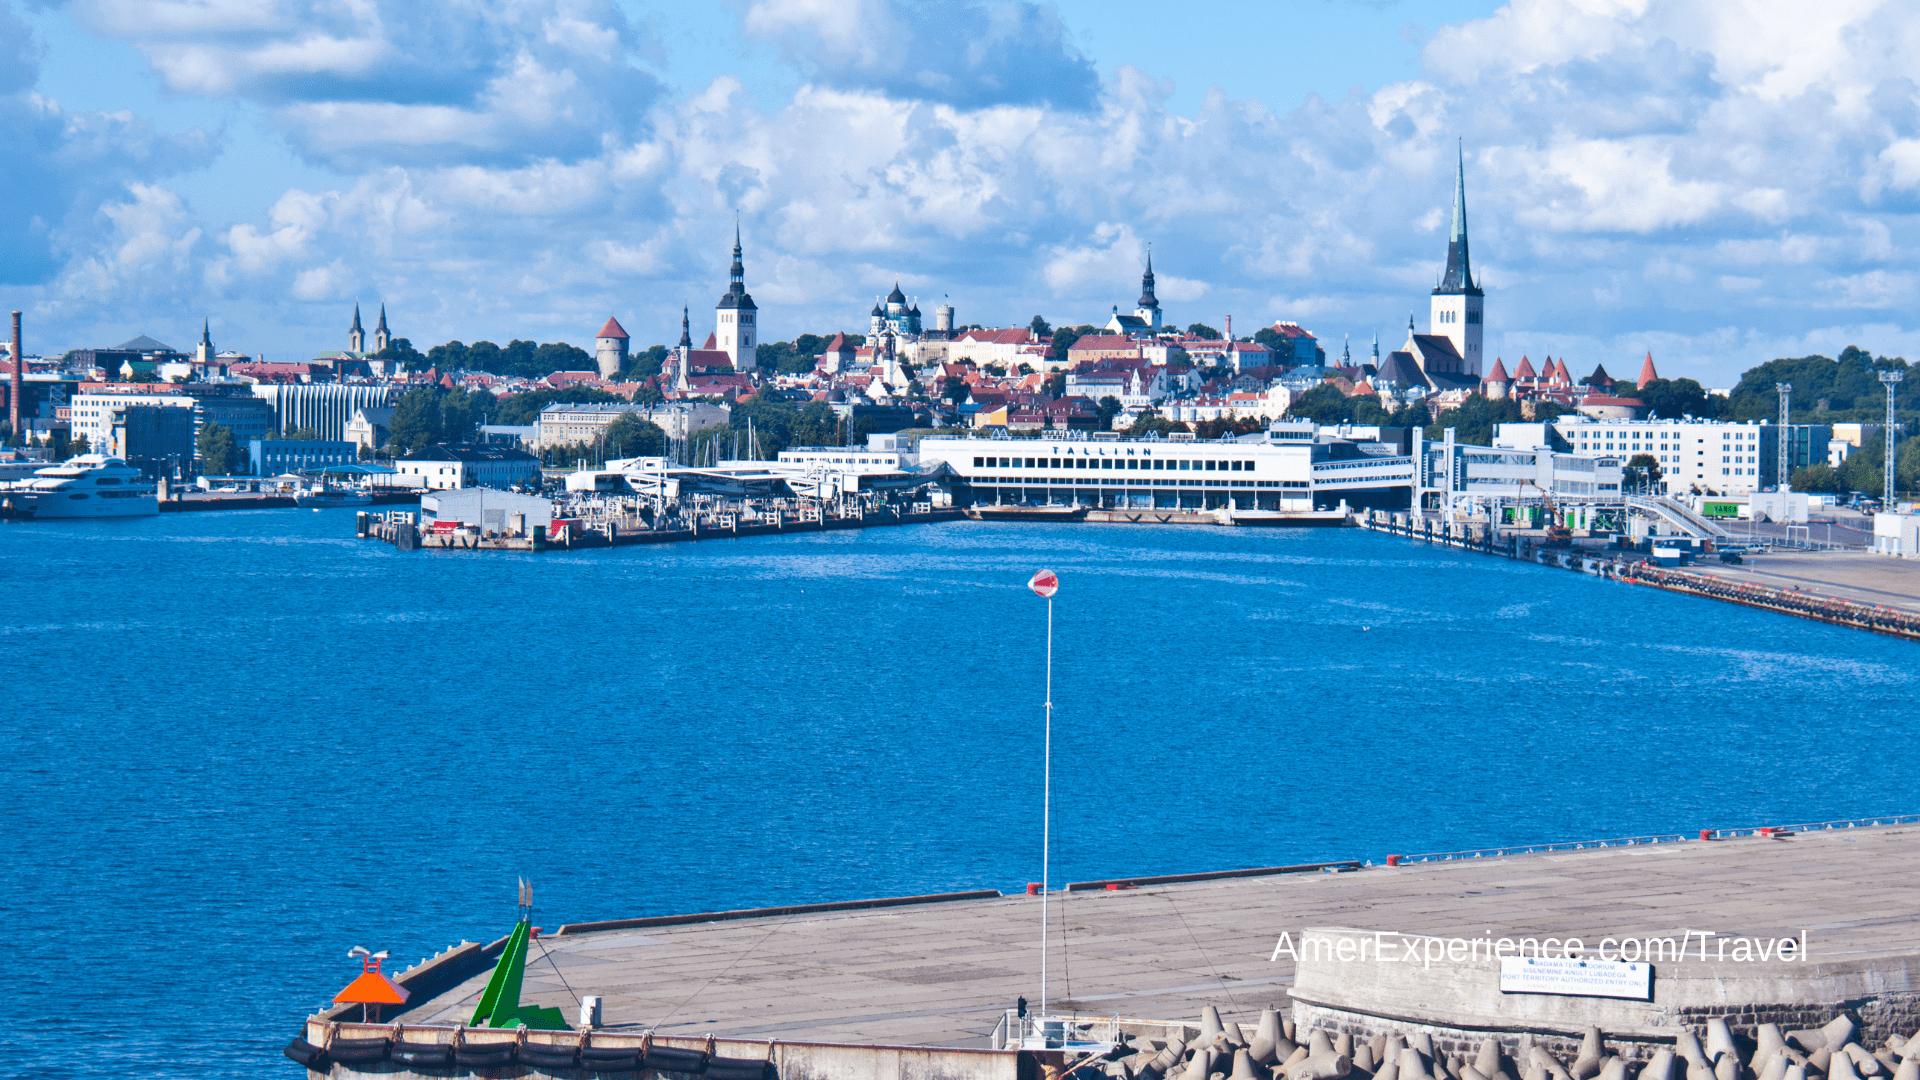 Tallinnan matkojen värikkäät vuosikymmenet